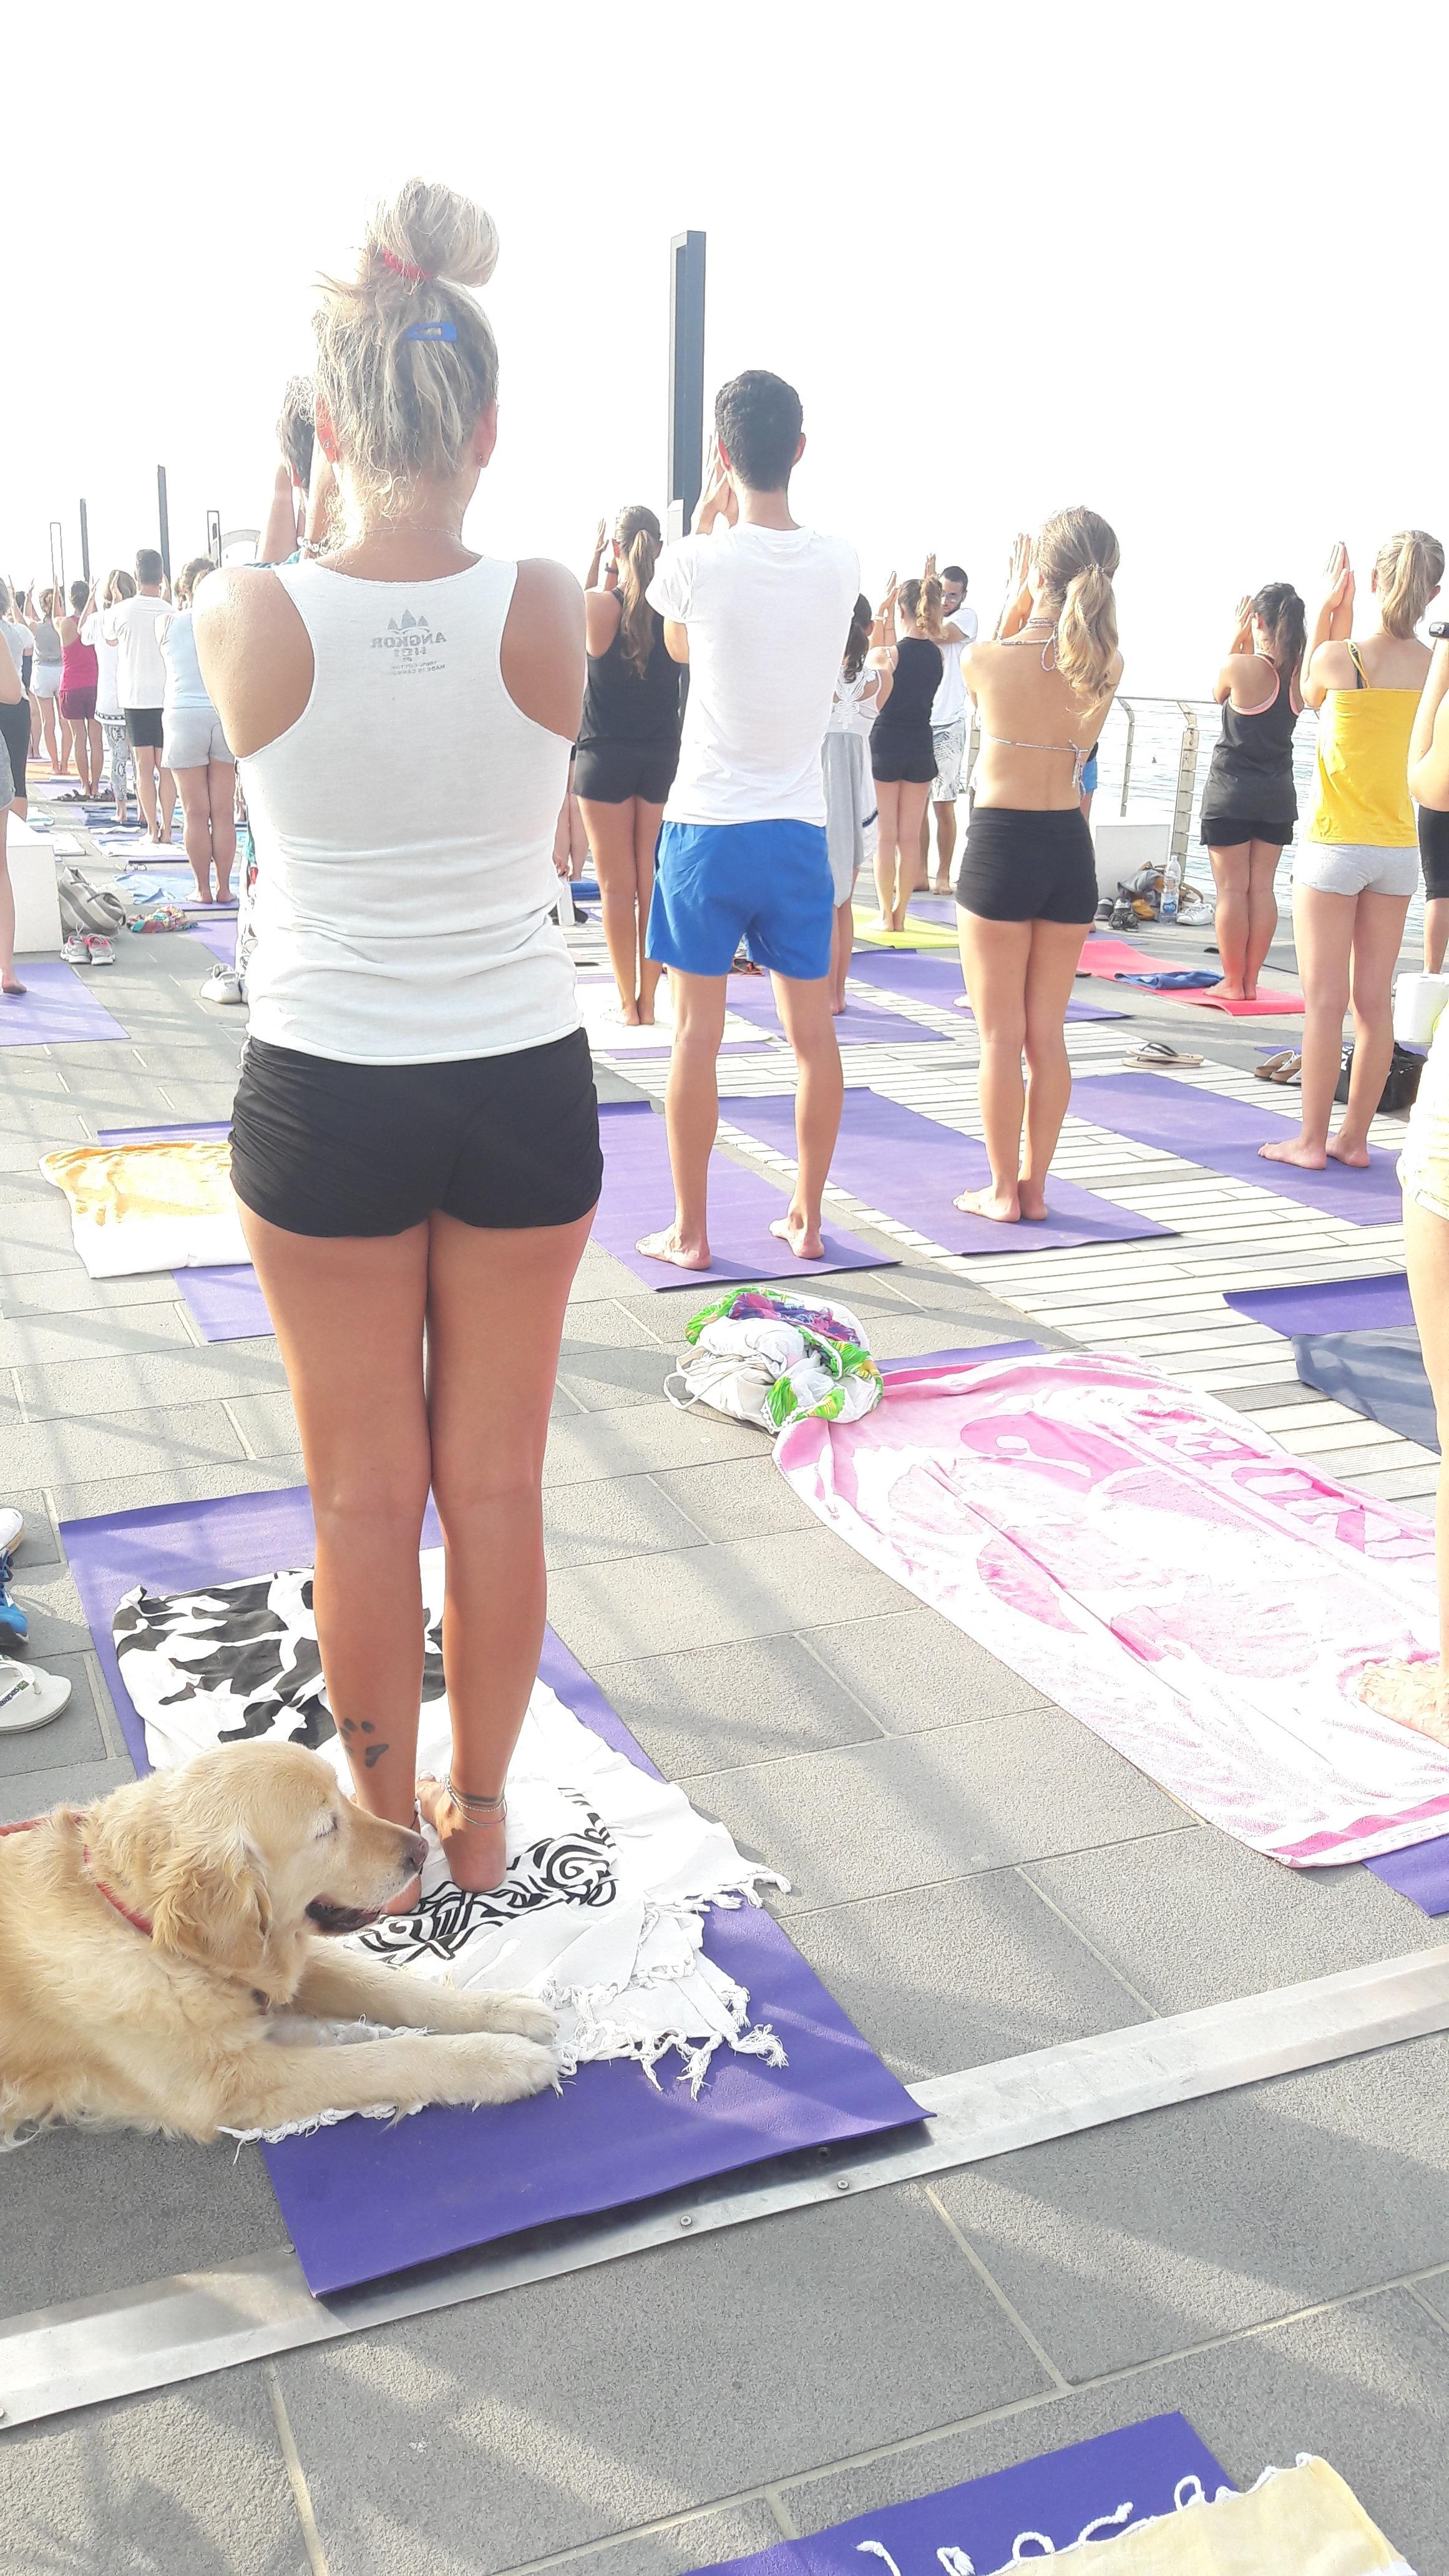 essere-free-yoga-gratuito-benessere-per-tutti-village-citta-alassio-estate-lucia-ragazzi-summer-town-wellness-41